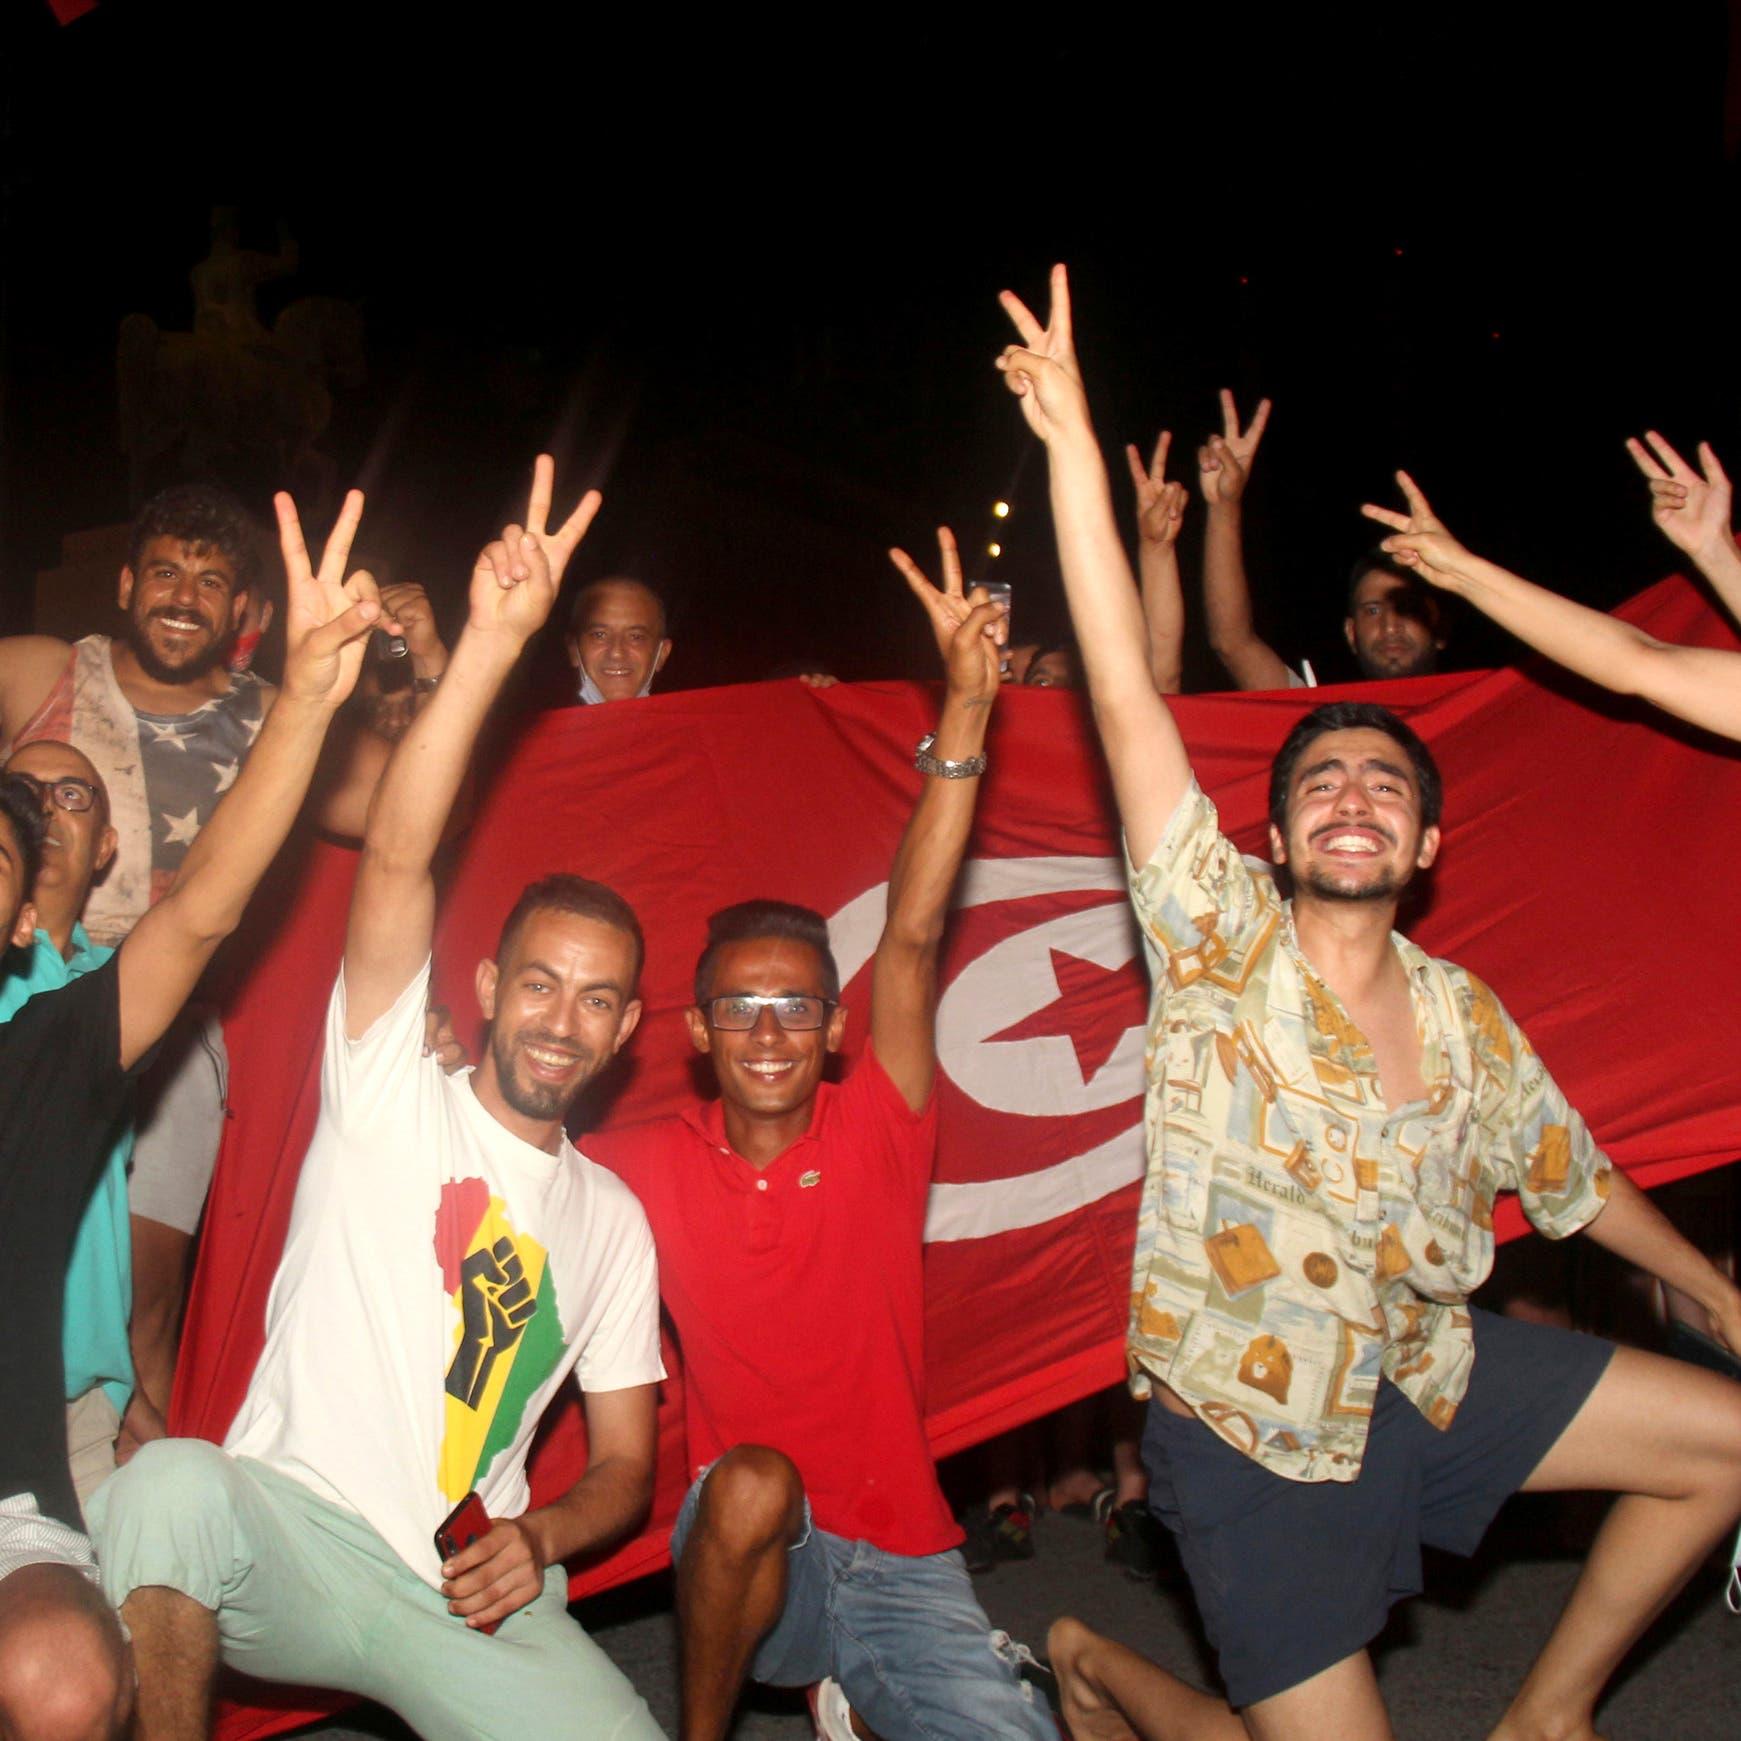 تونس.. الشارع يترقب خلفاً للمشيشي قريباً من قرطاج